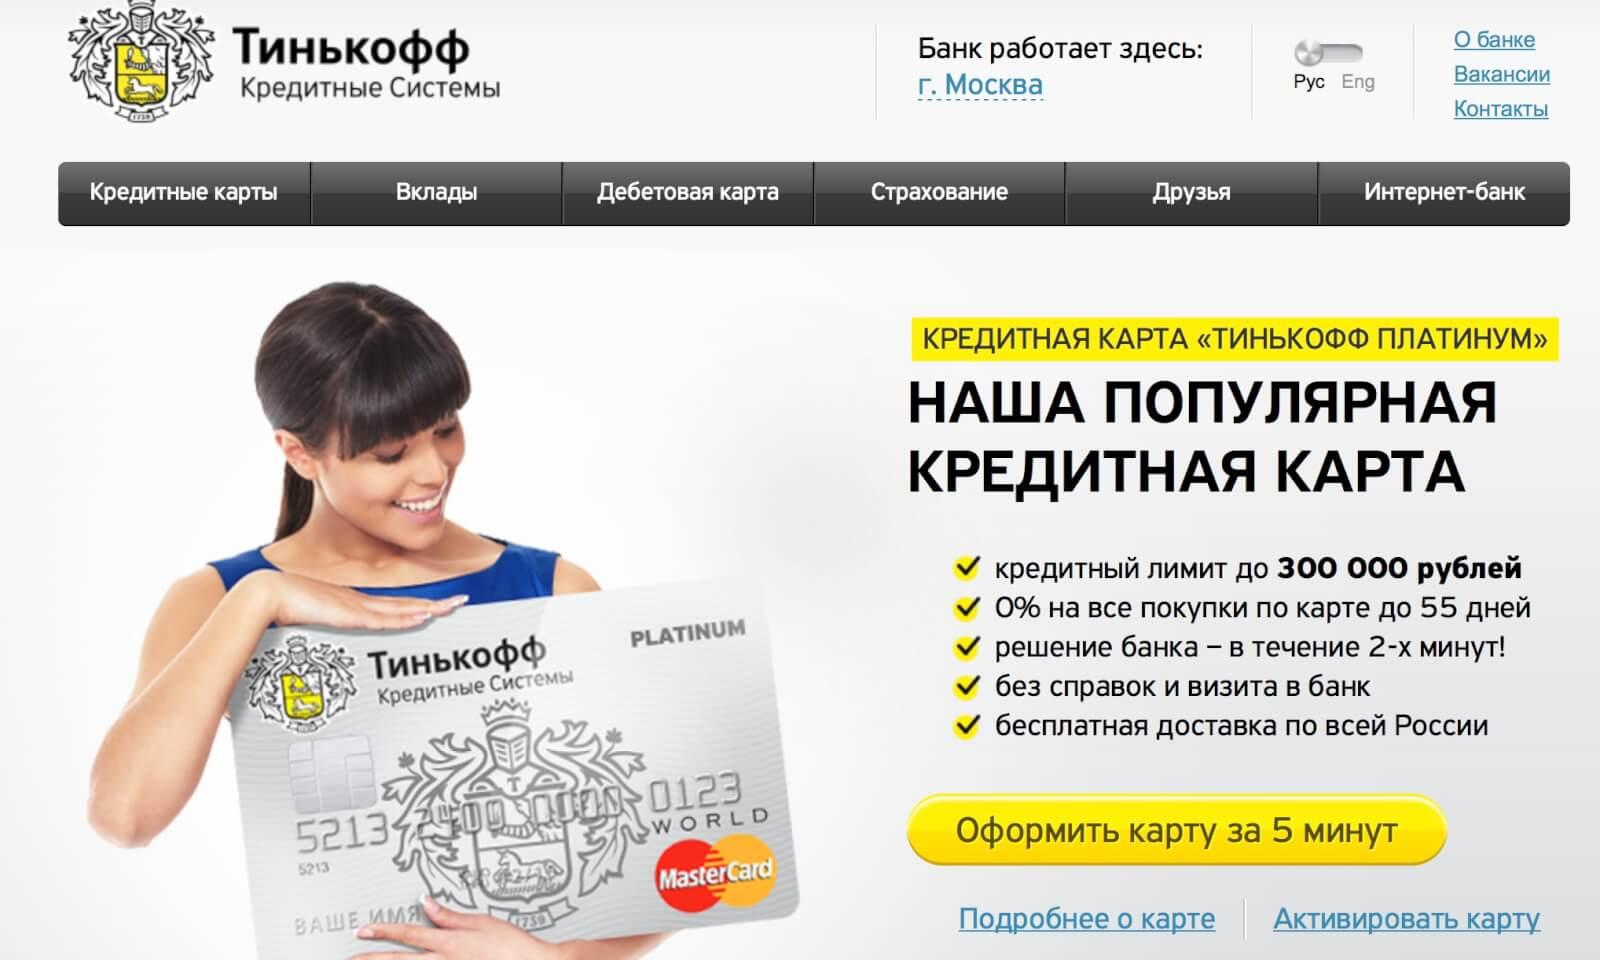 предложения от банка Тинькофф